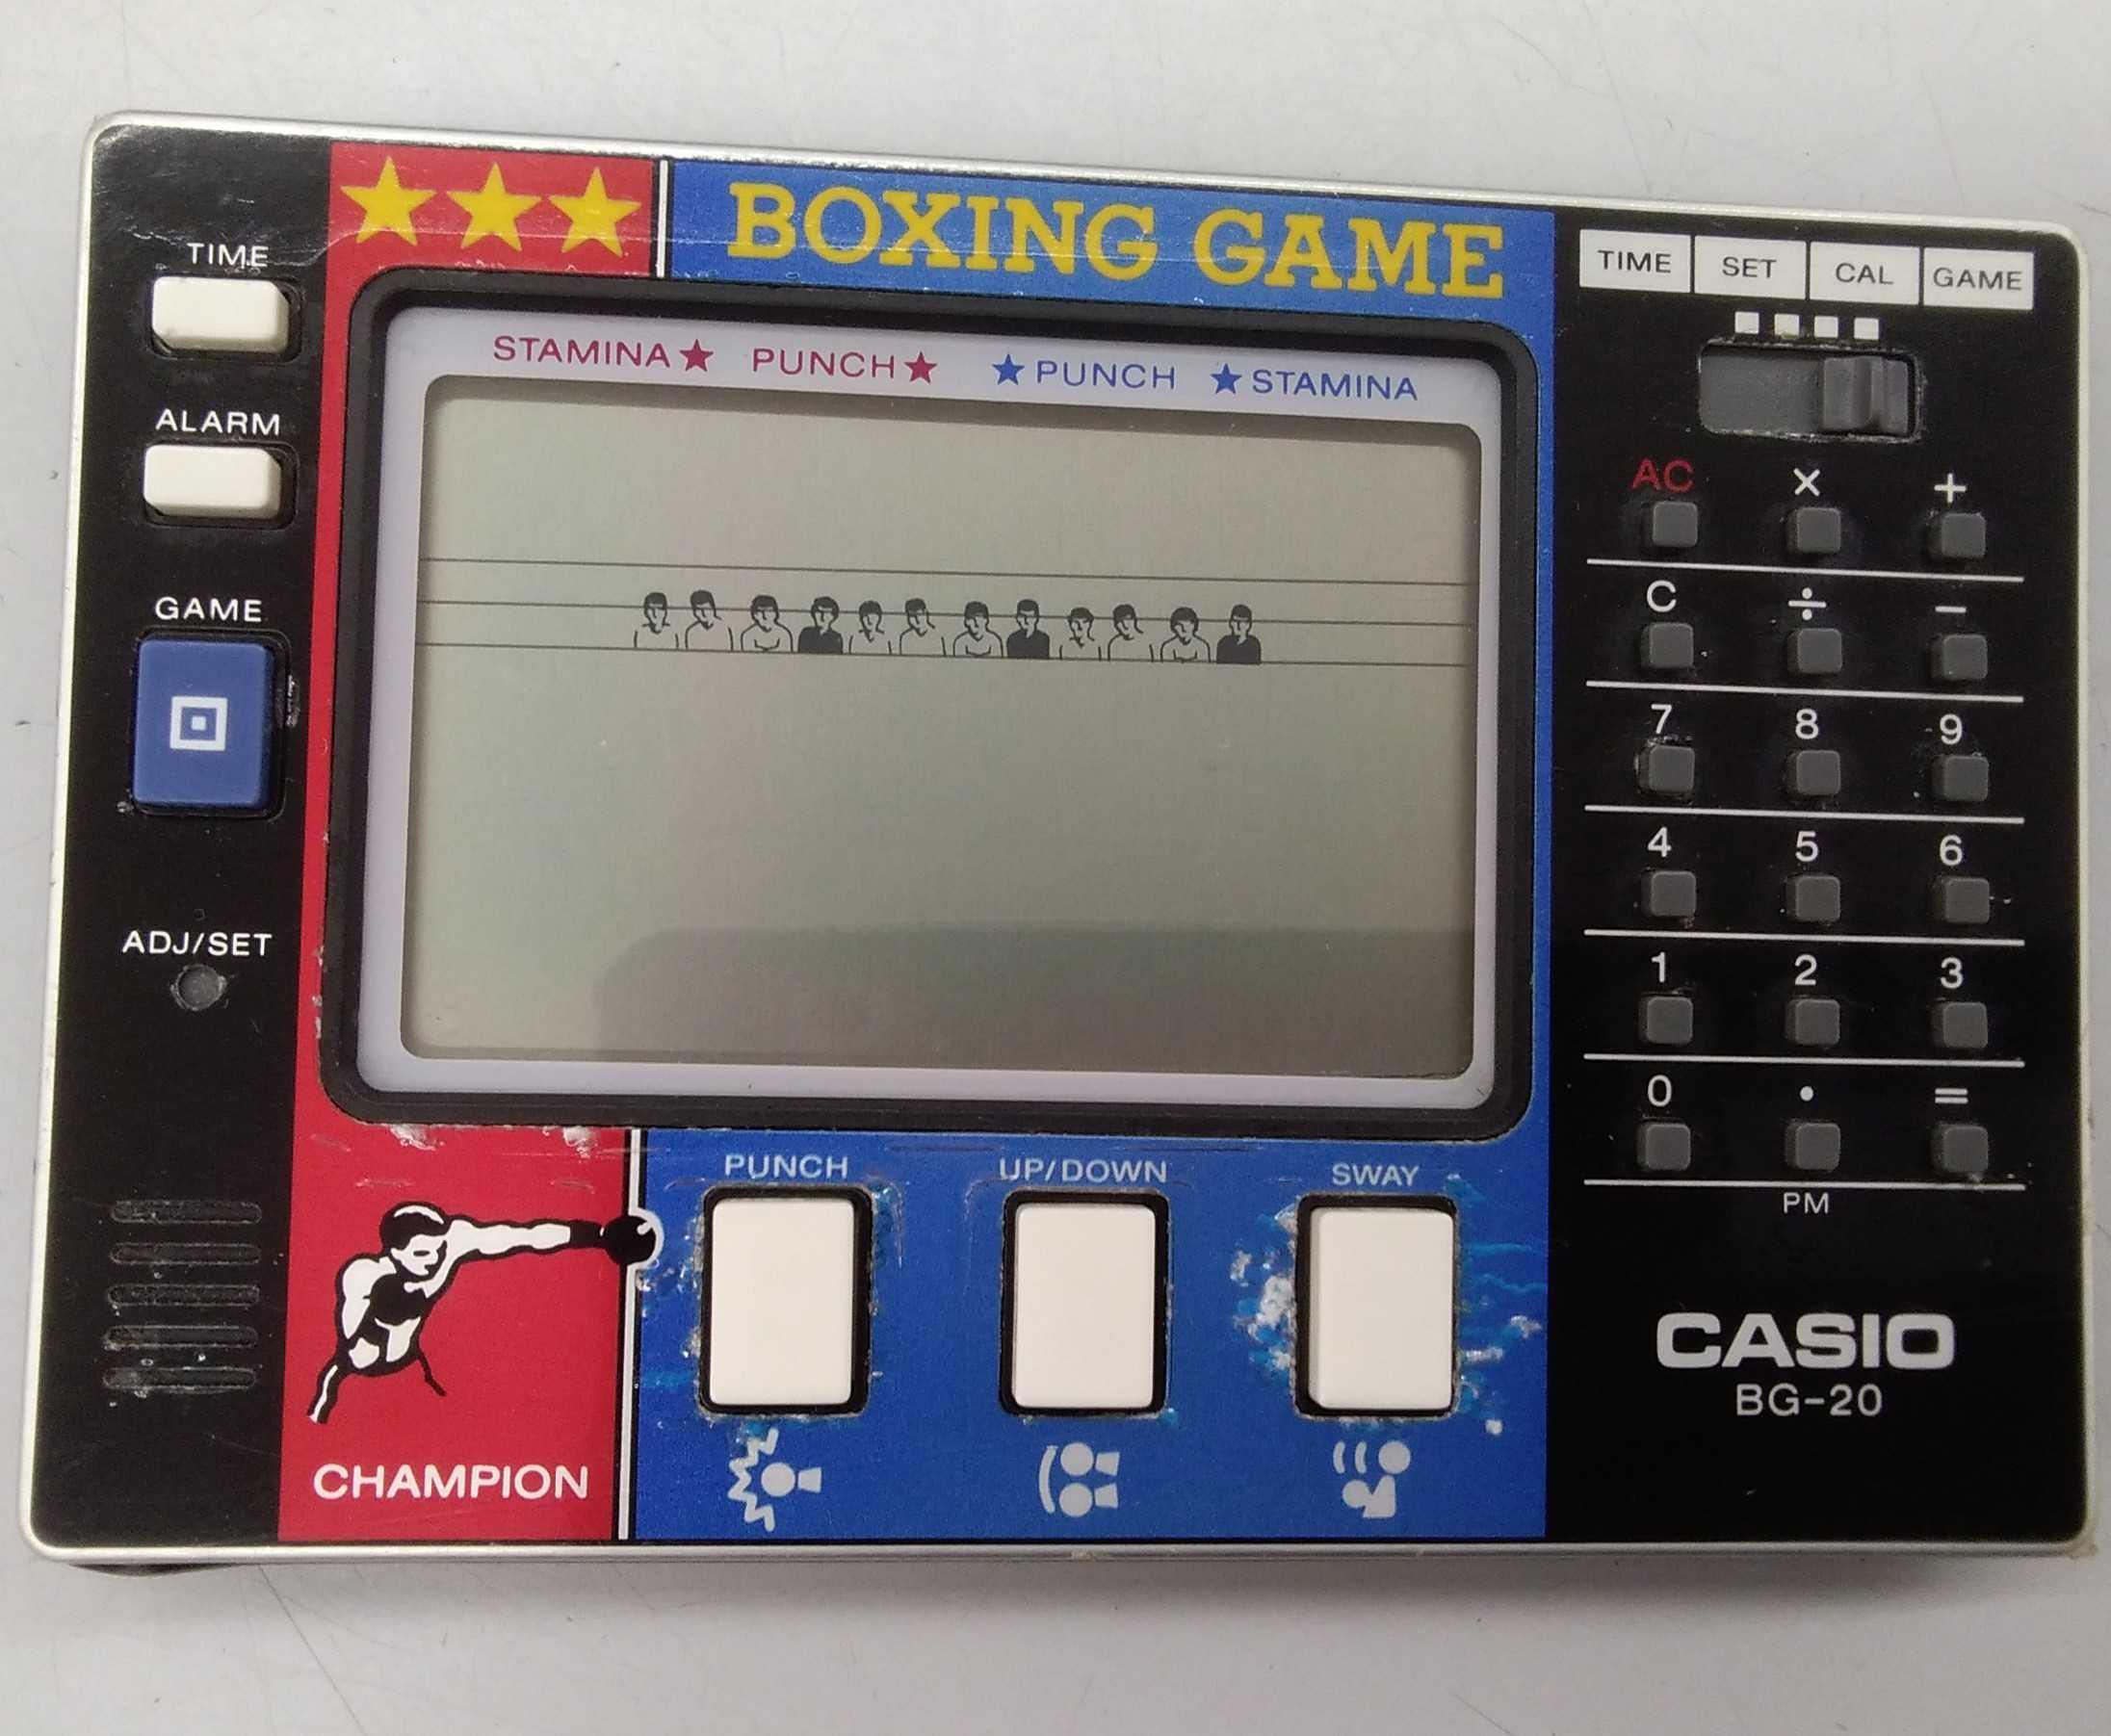 ボクシングゲーム CASIO